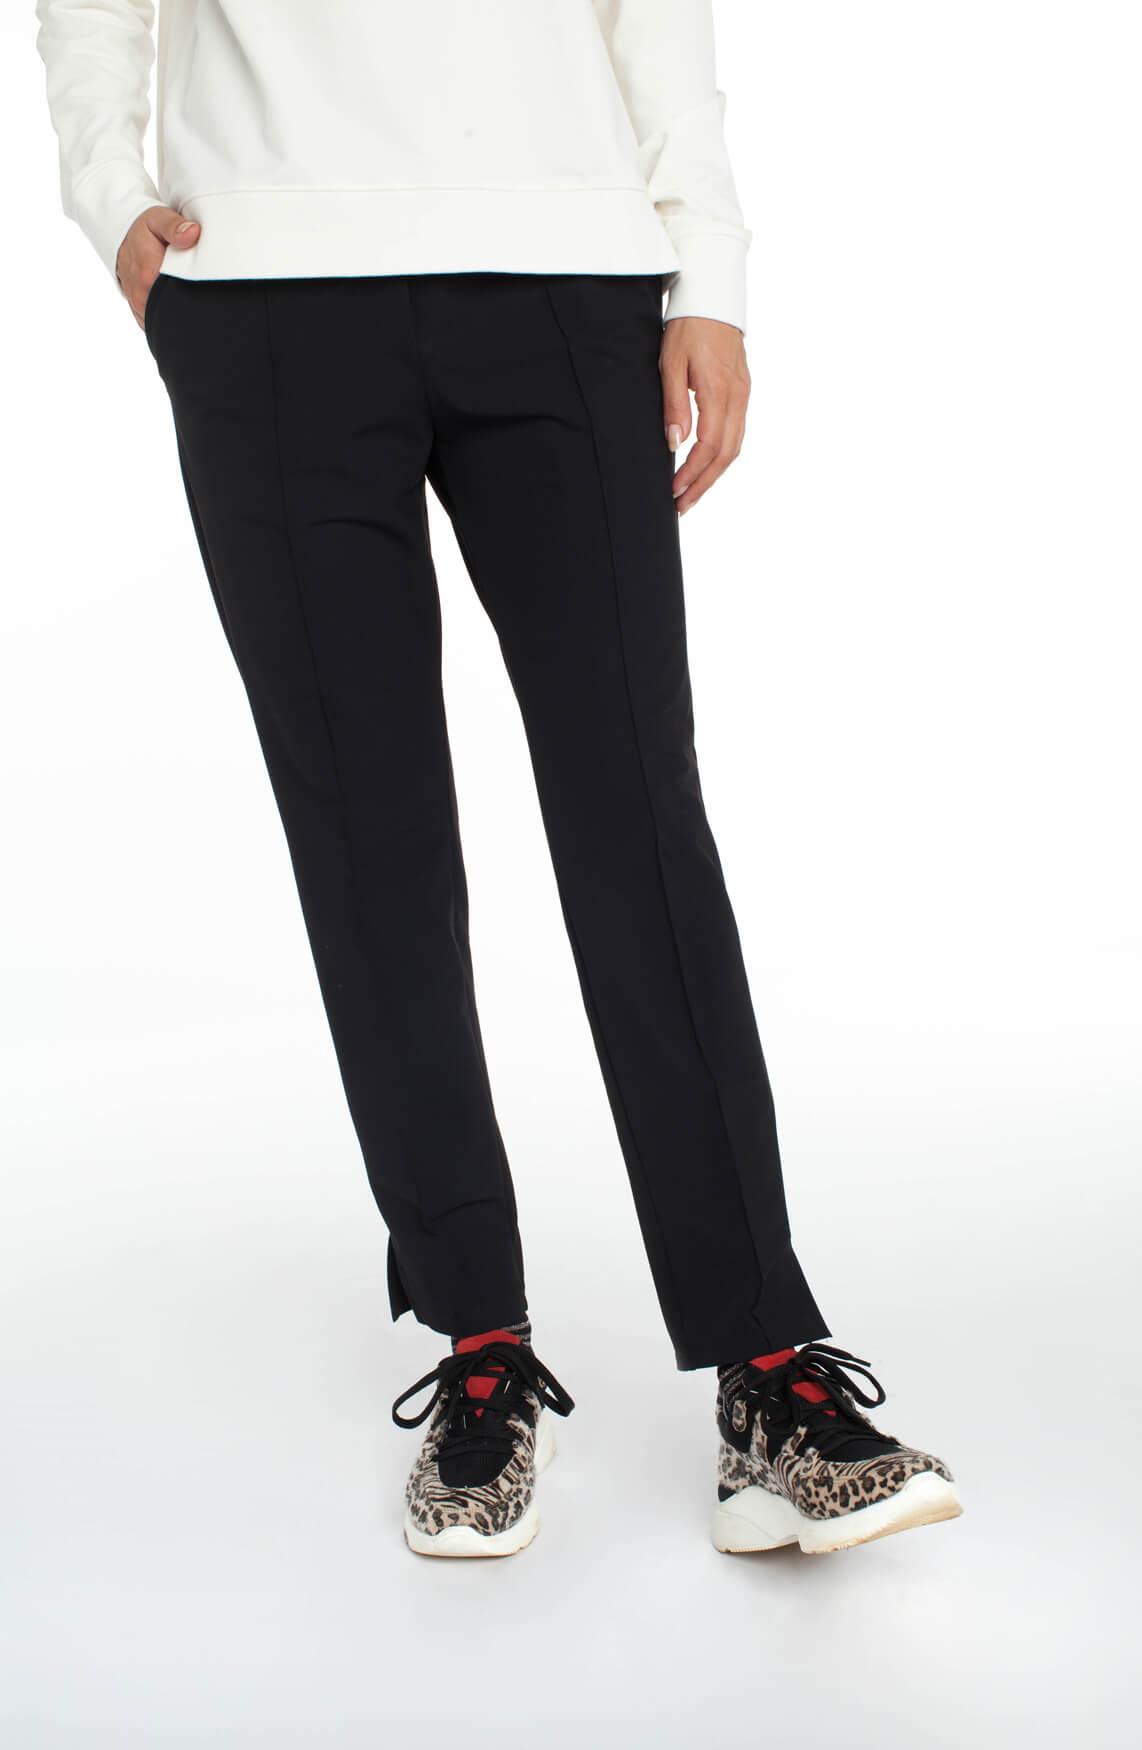 Penn & Ink Dames Jogpantalon zwart